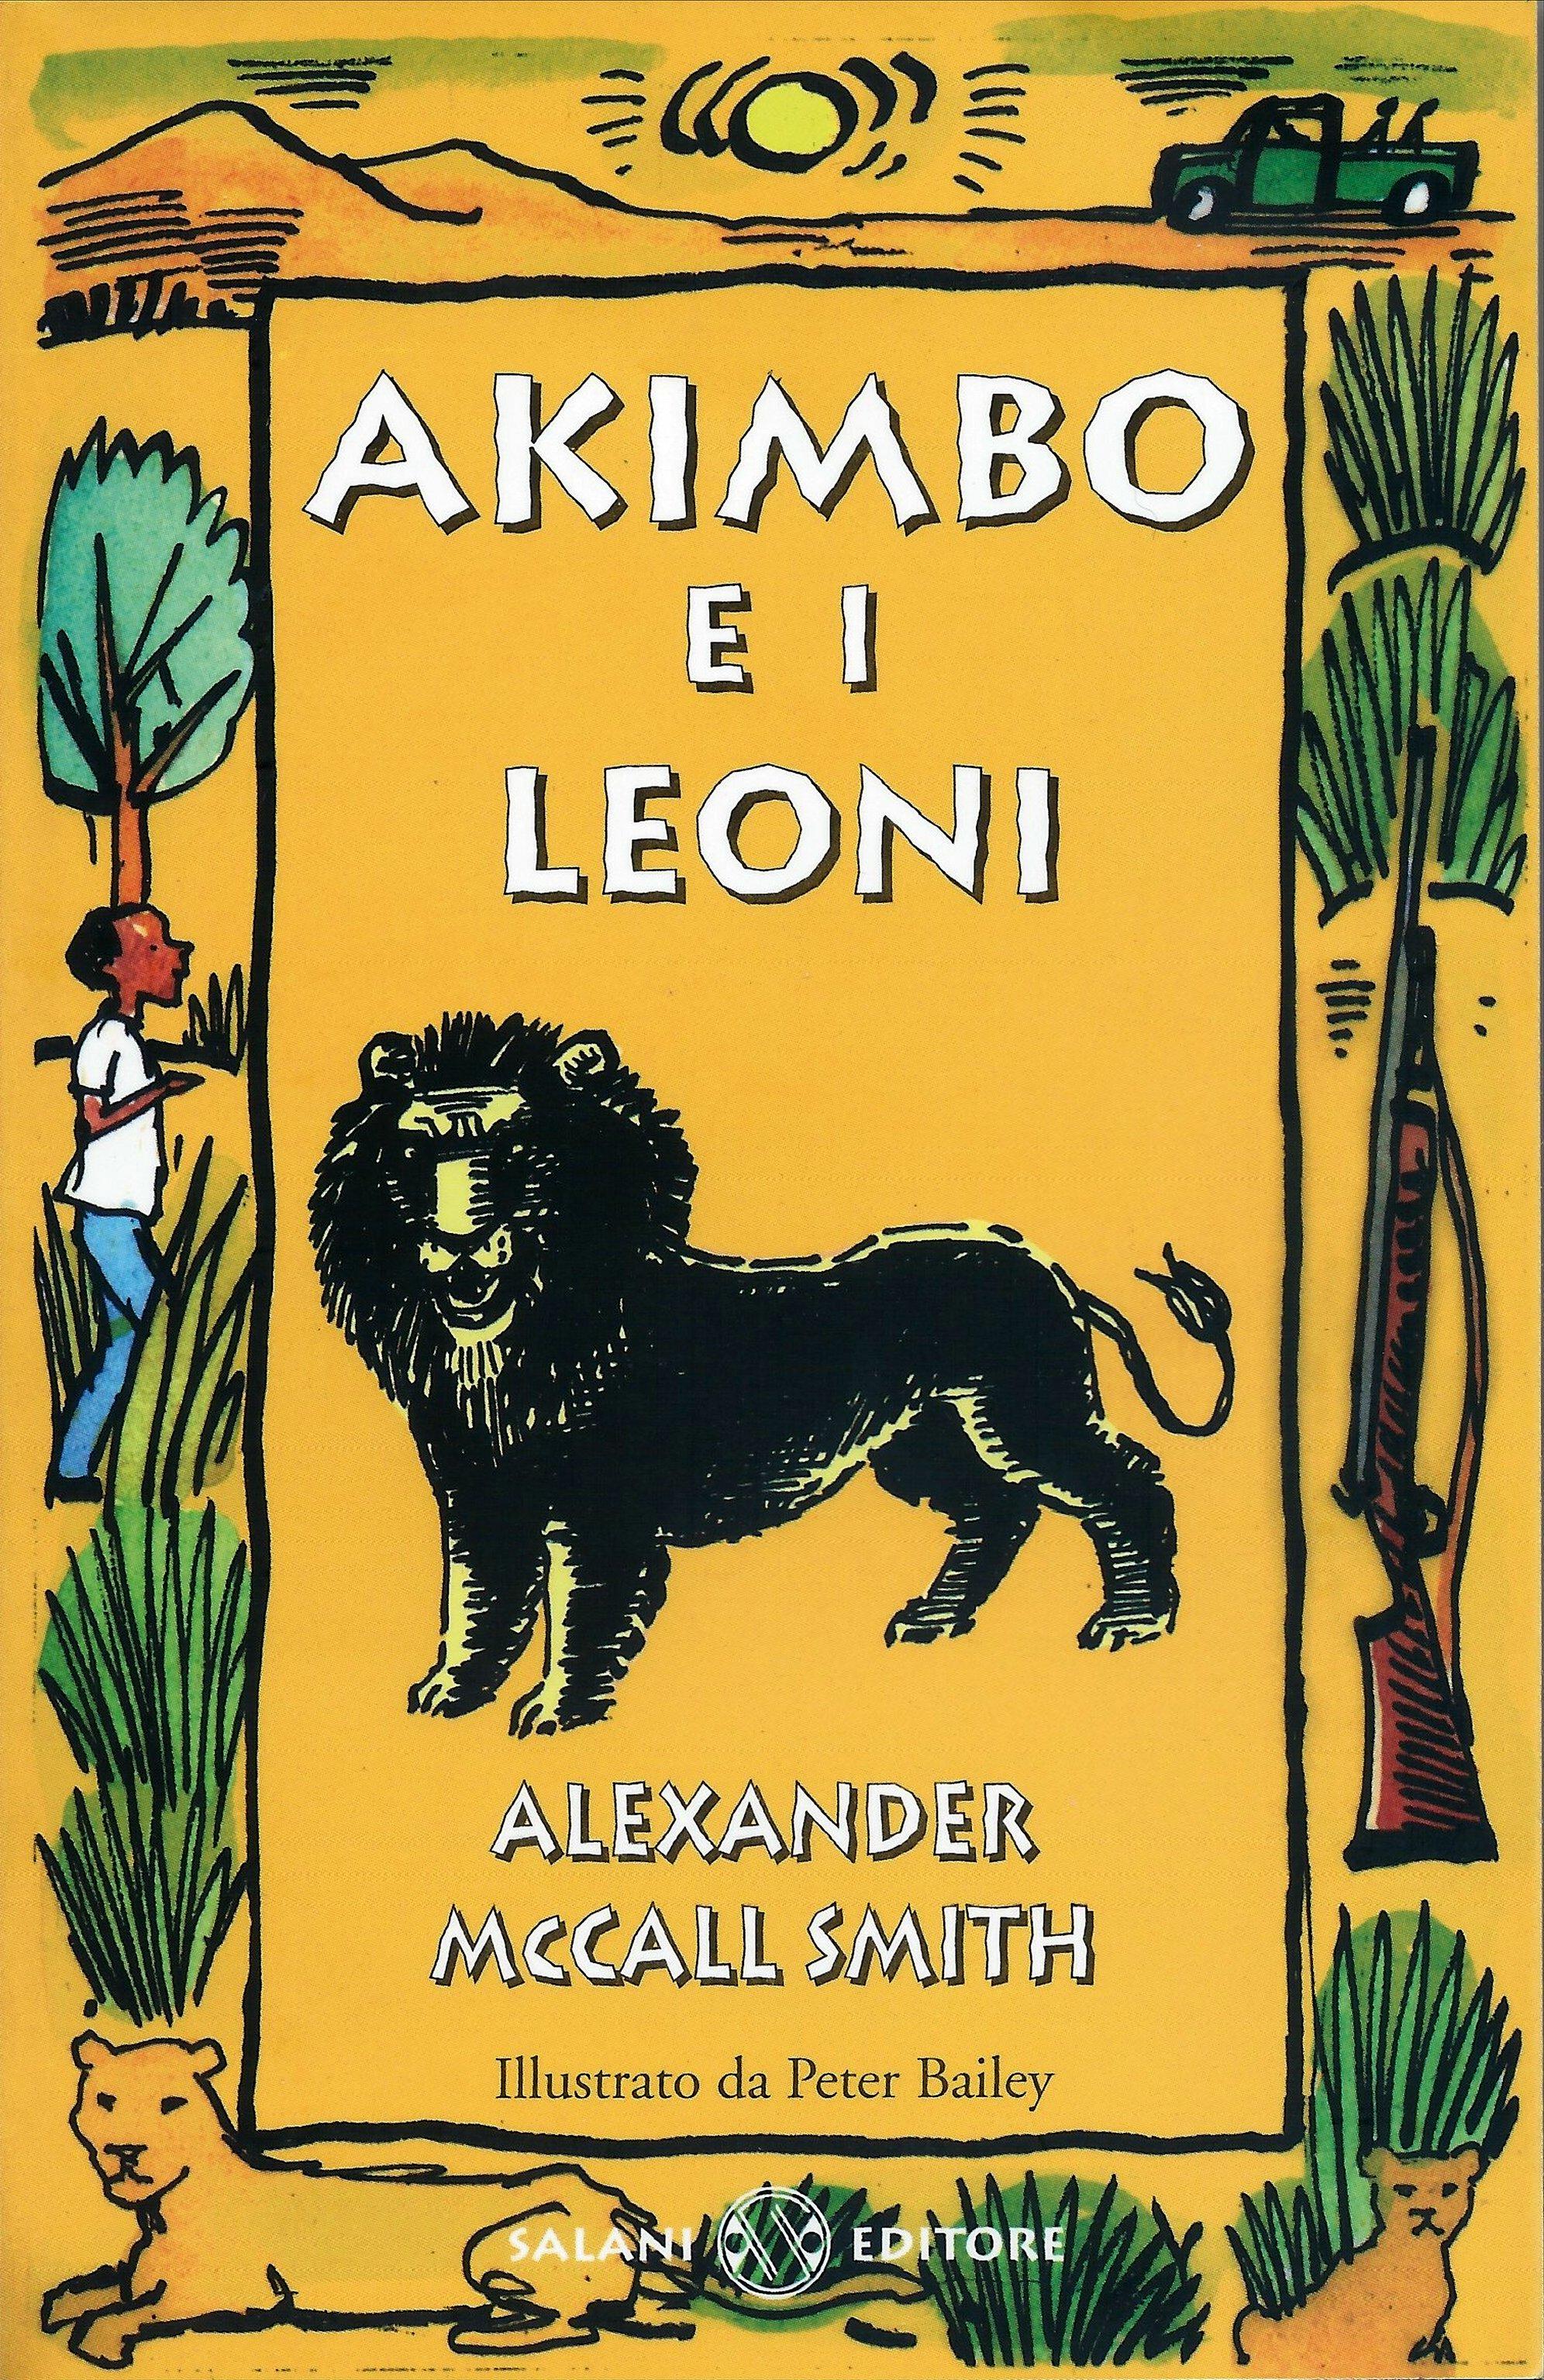 Akimbo e i leoni